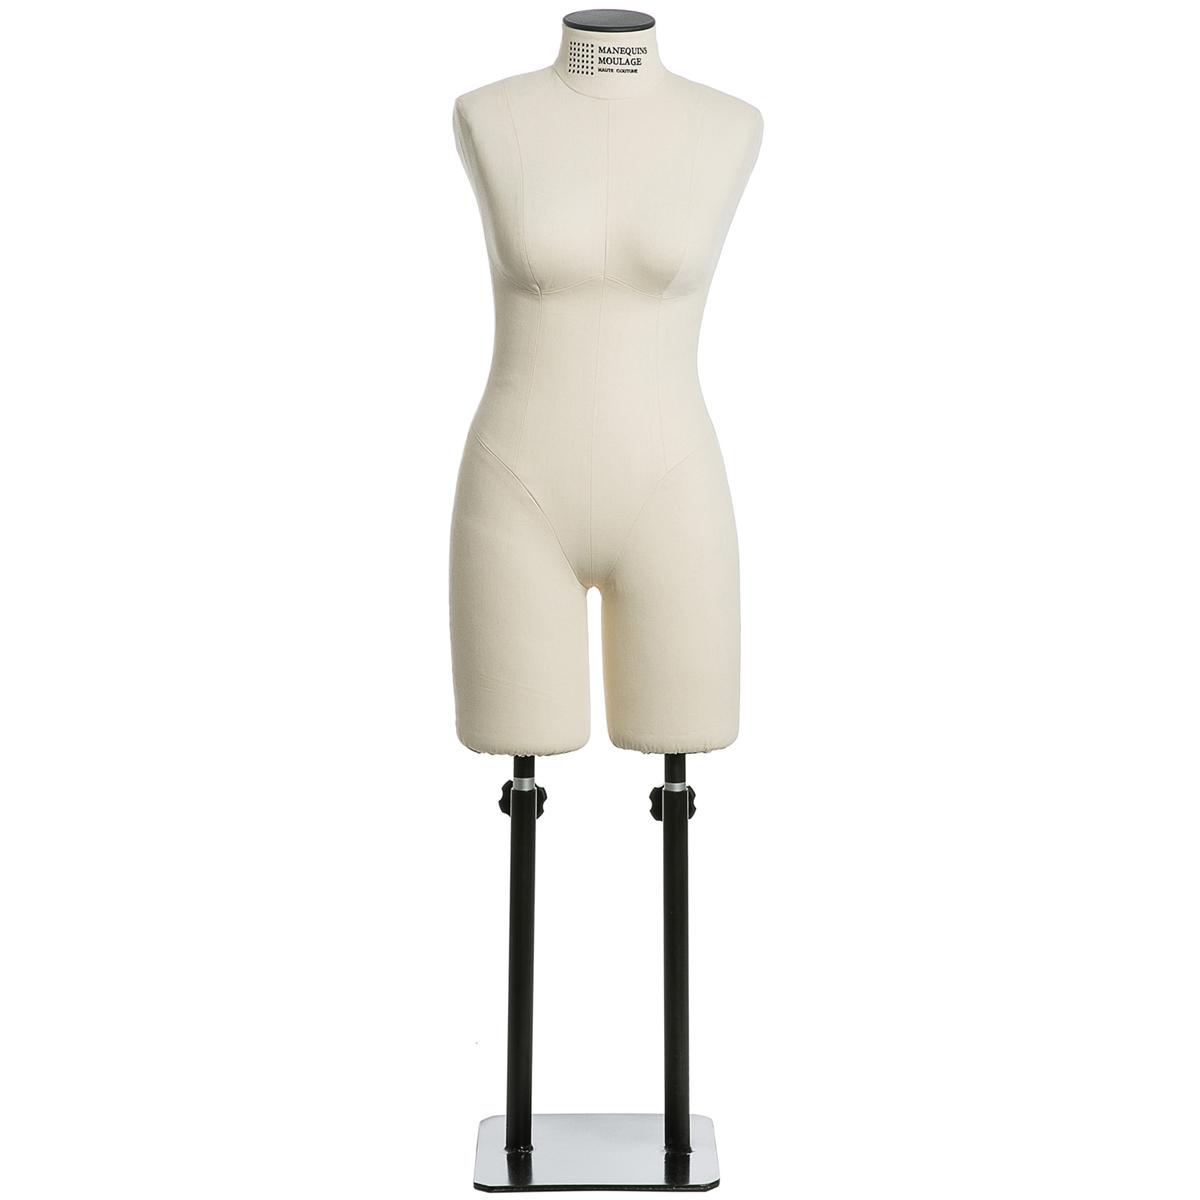 Maximus Tecidos Clube da Costureira manequim 600x300